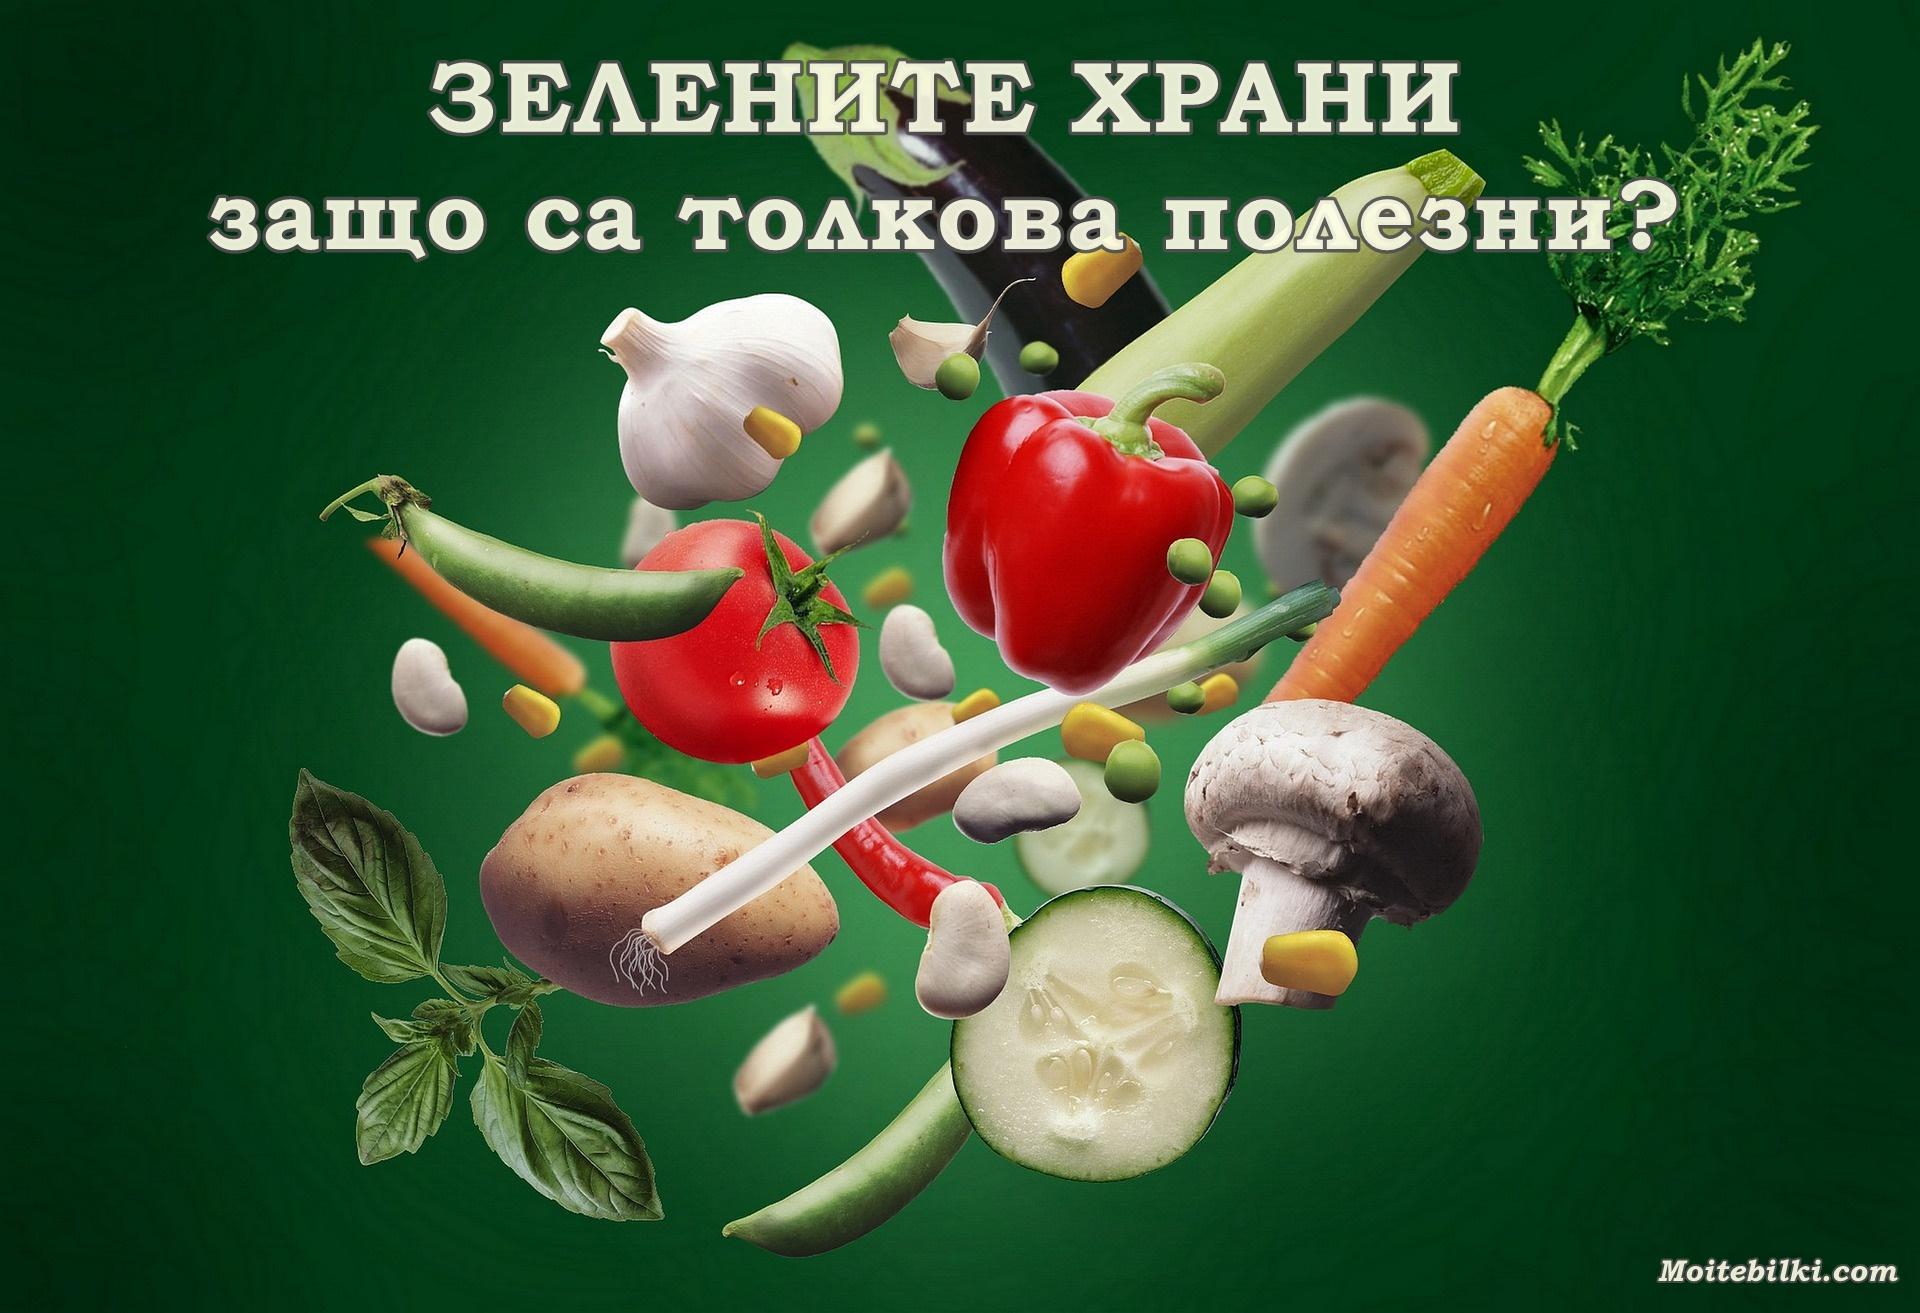 zelenite hrani